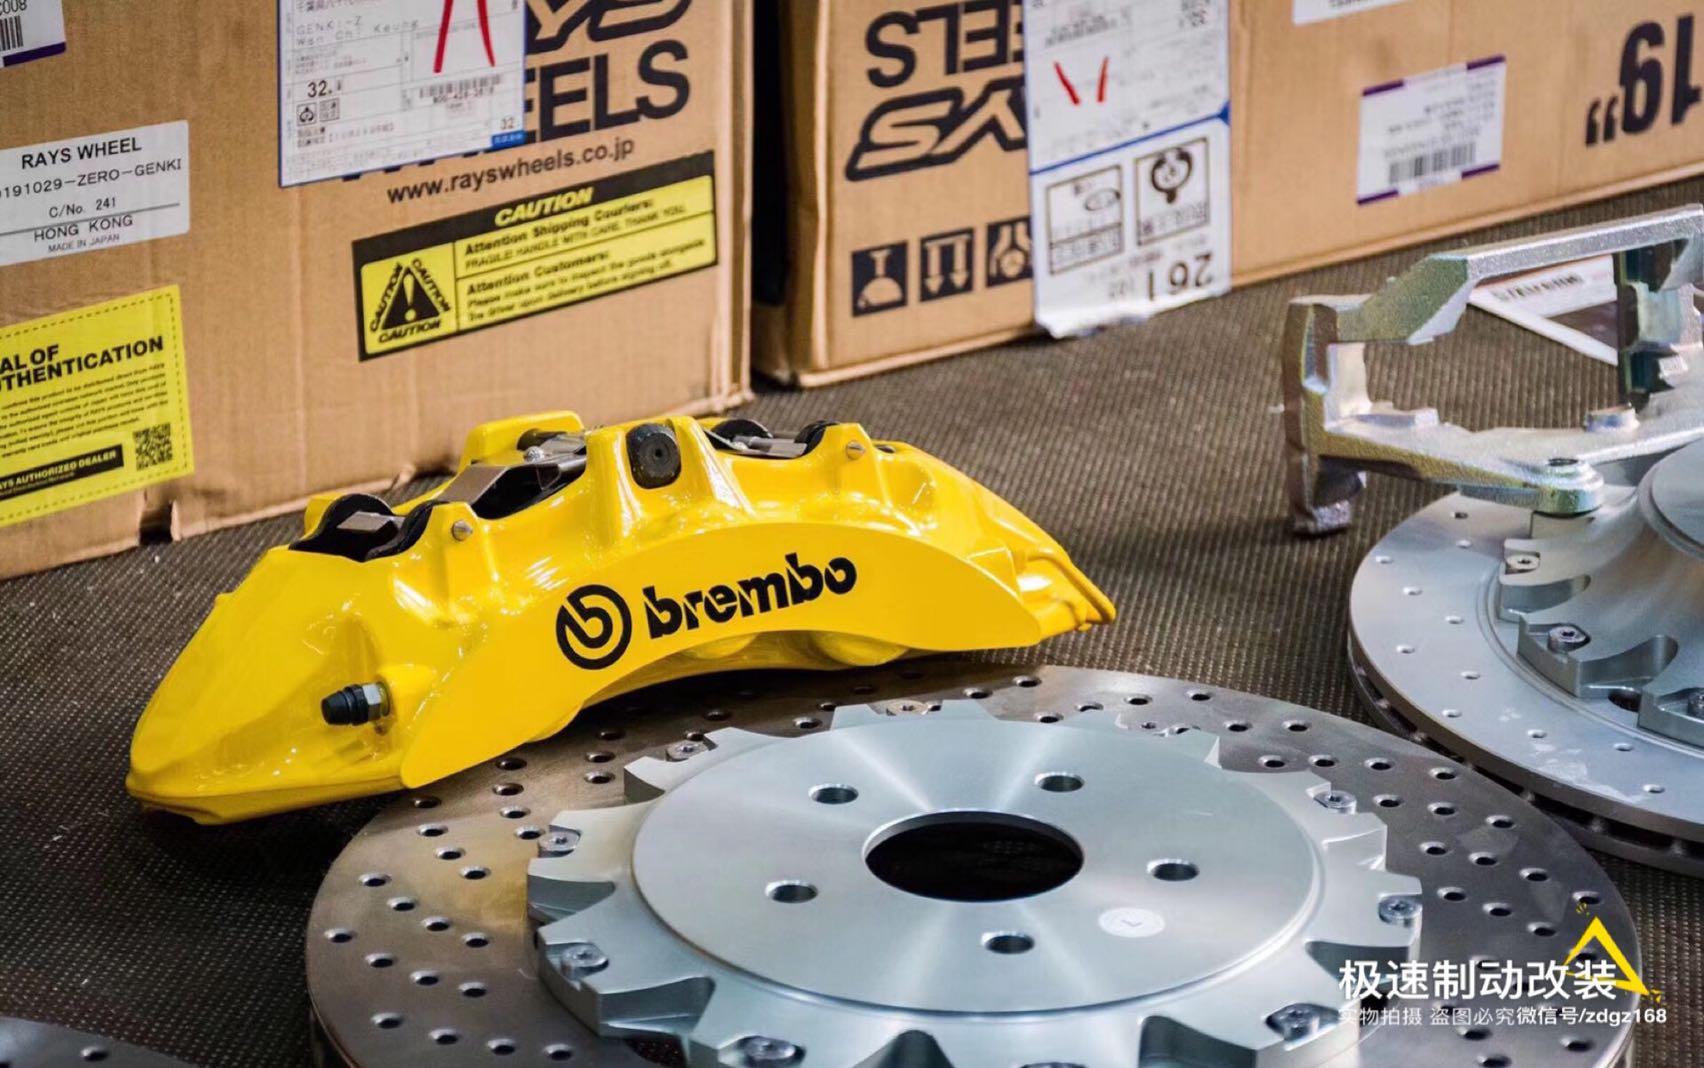 丰田威尔法Hybrid刹车升级前轮Brembo 通用款六活塞套装,后轮换一对370加大碟,上车完美